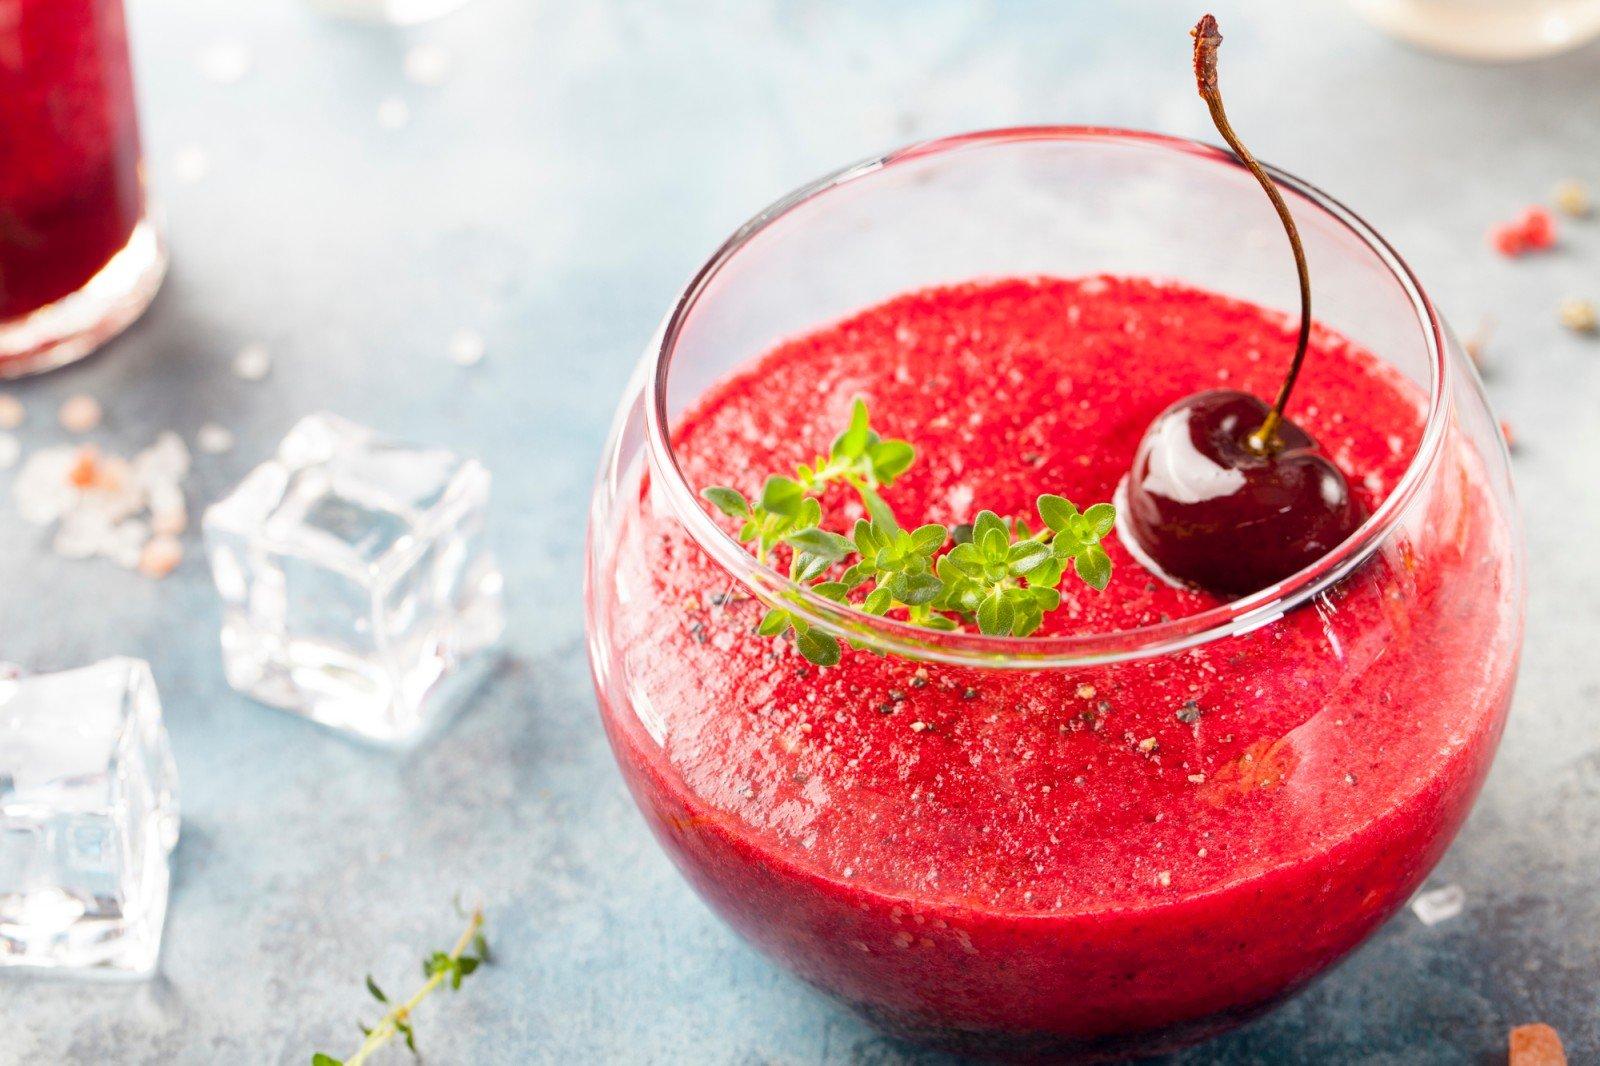 5 рецептов из черешни: пирог, варенье и другие вкусные блюда из любимой ягоды